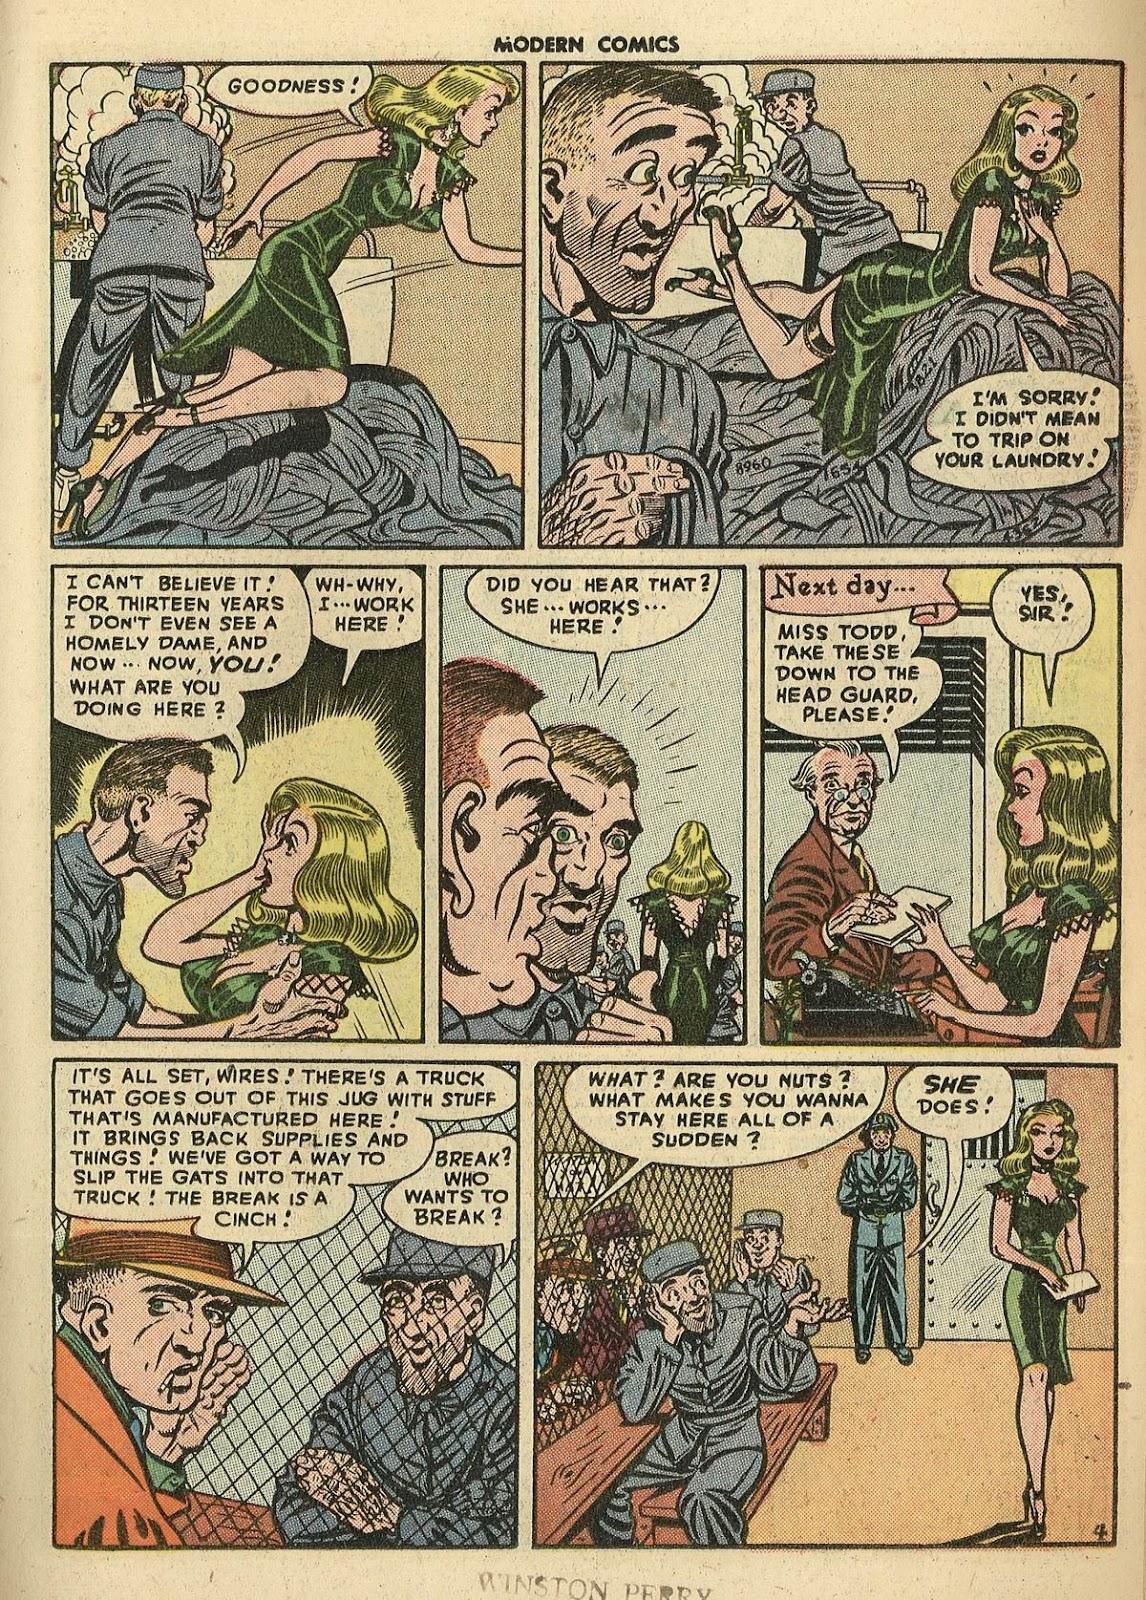 Comic Modern Comics issue 26